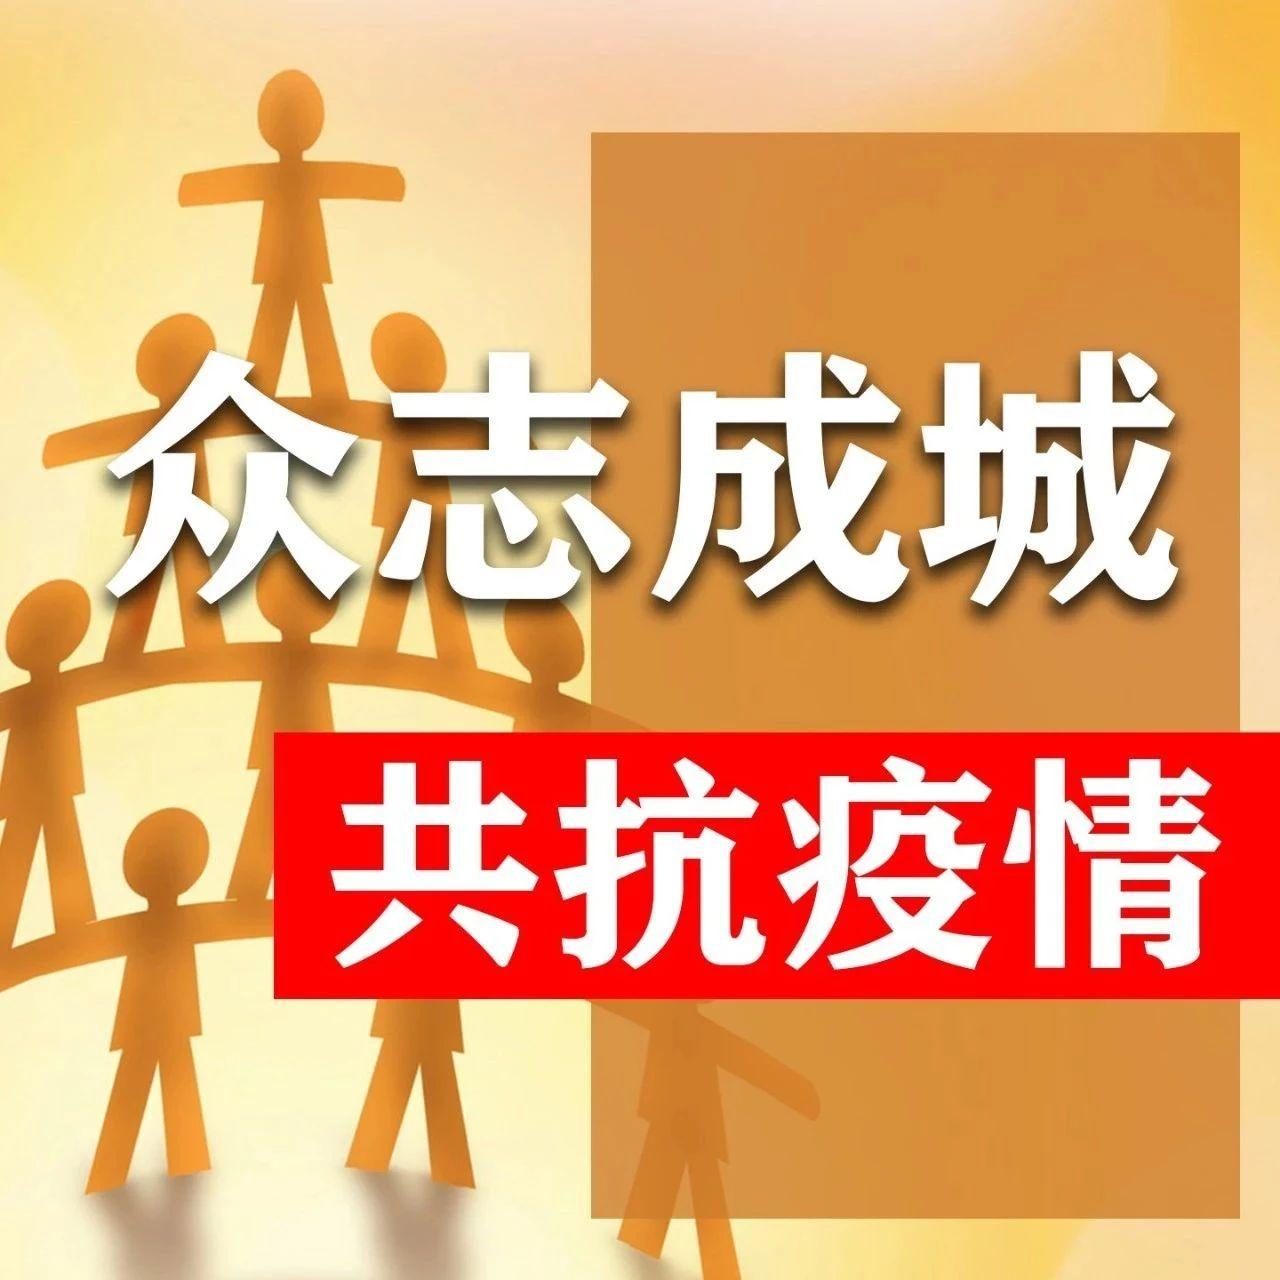 """【动态】中国医学科学院教授在家乡鹤峰 就地书写战""""役""""情怀"""